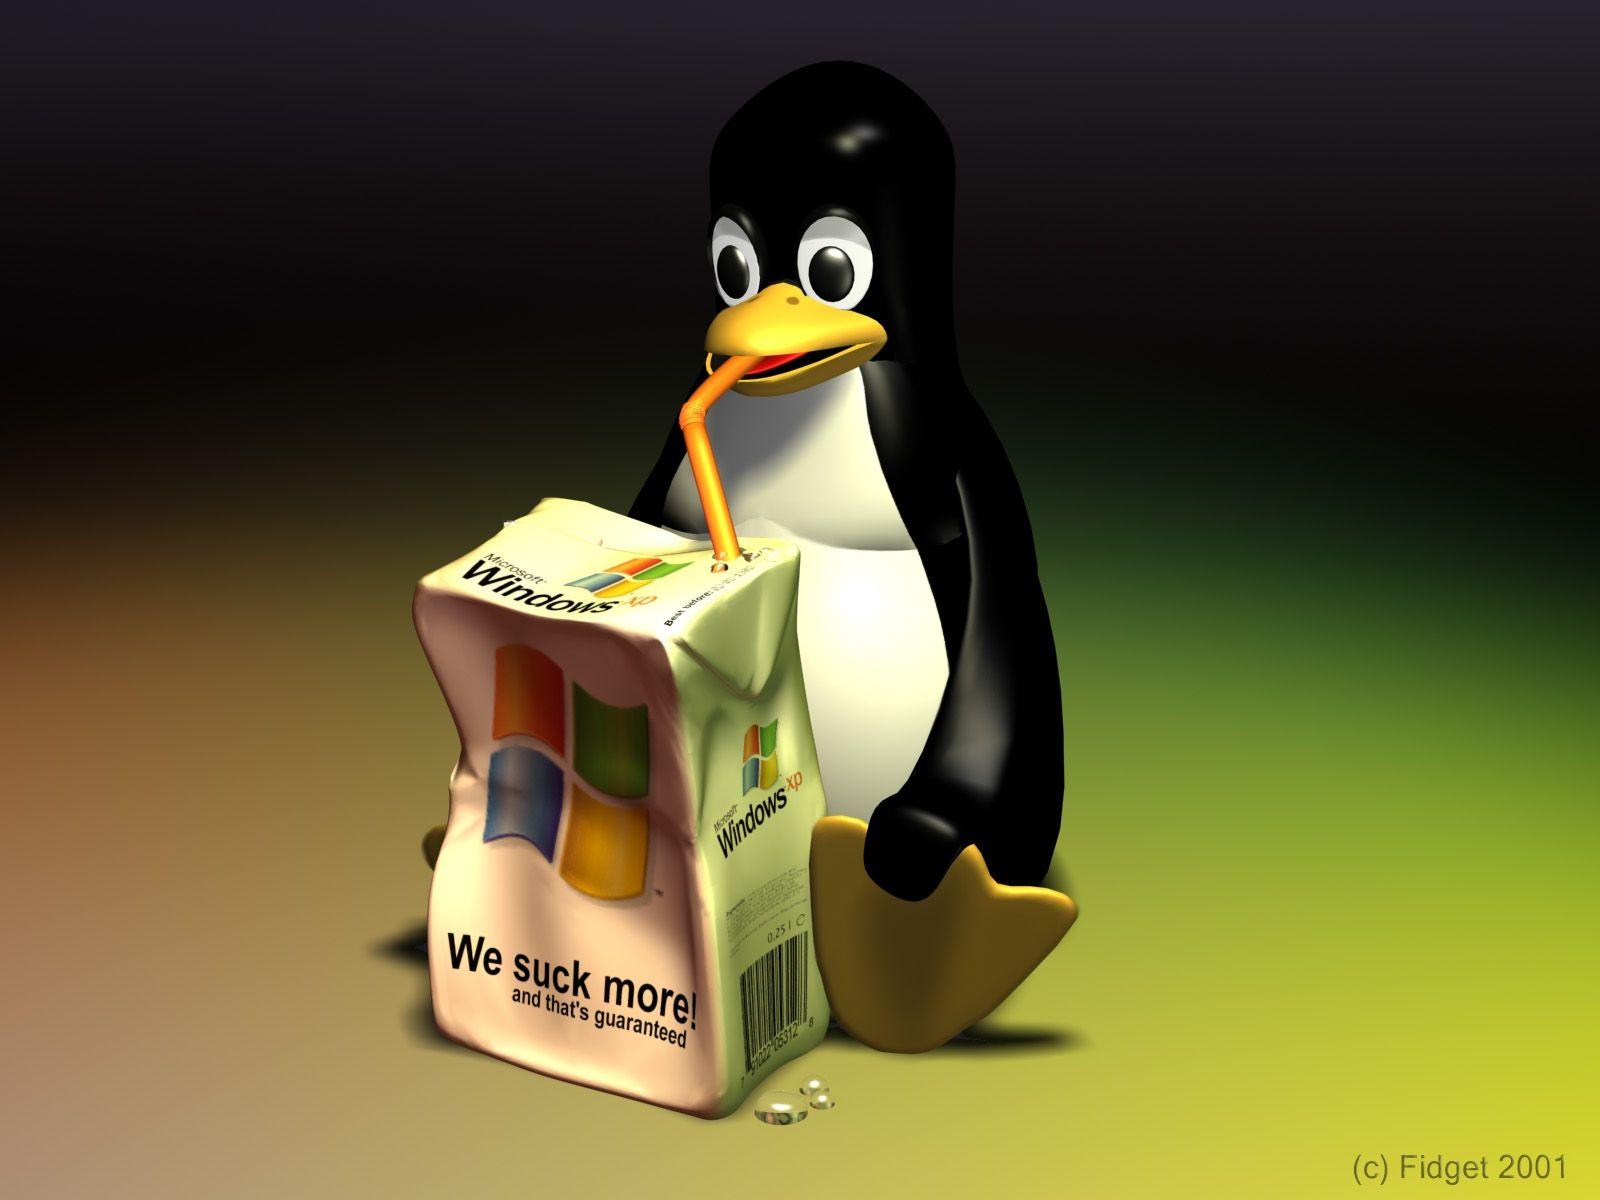 En İyi ve En Hafif 5 Linux Dağıtımı 2019